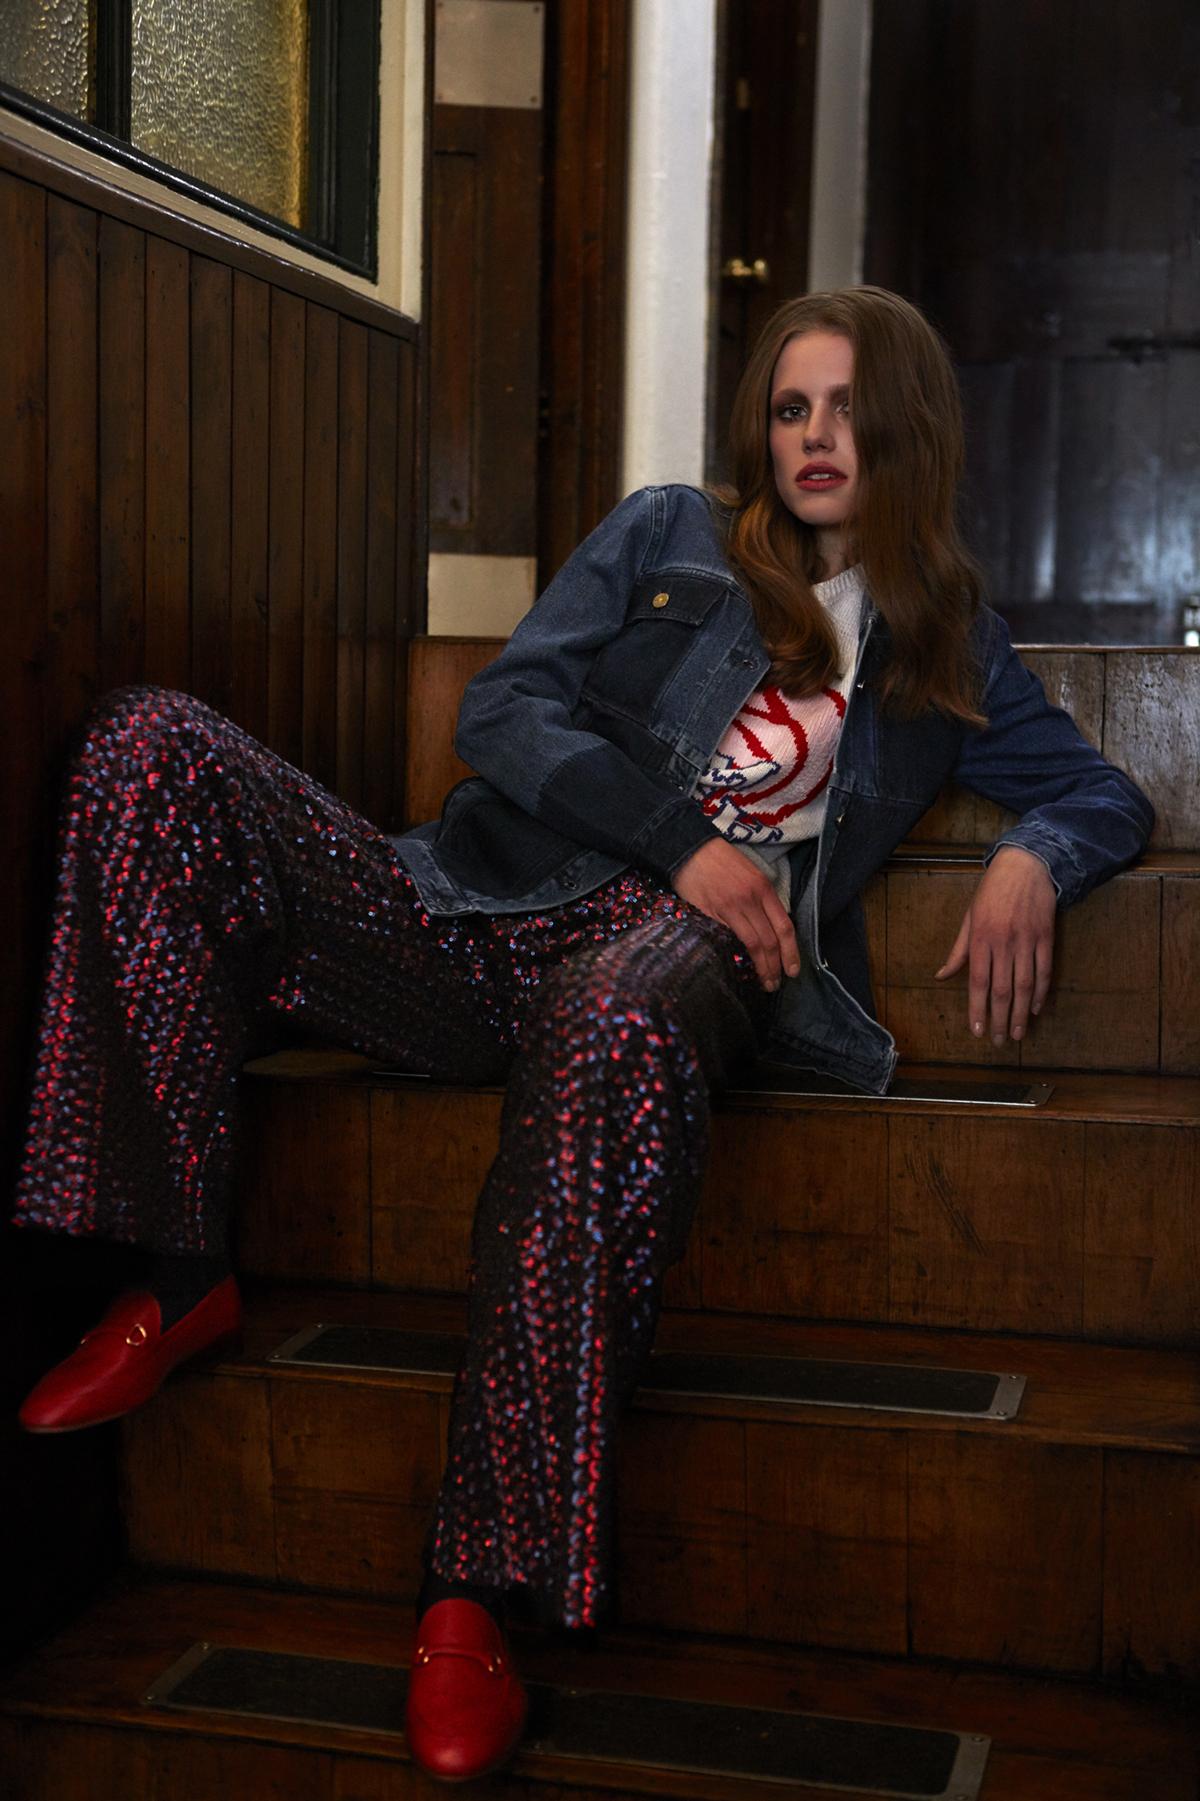 Ioannis Koussertari_Wild Thought_Lucys Magazine_photographer_look 3.jpg